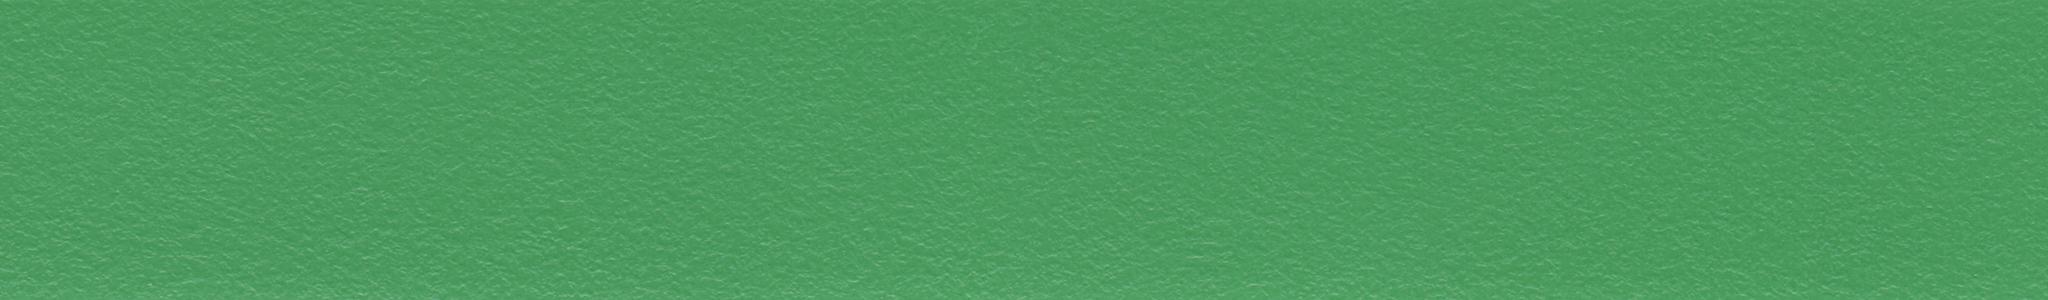 HU 169561 ABS Kante UNI Grün feinperl 107